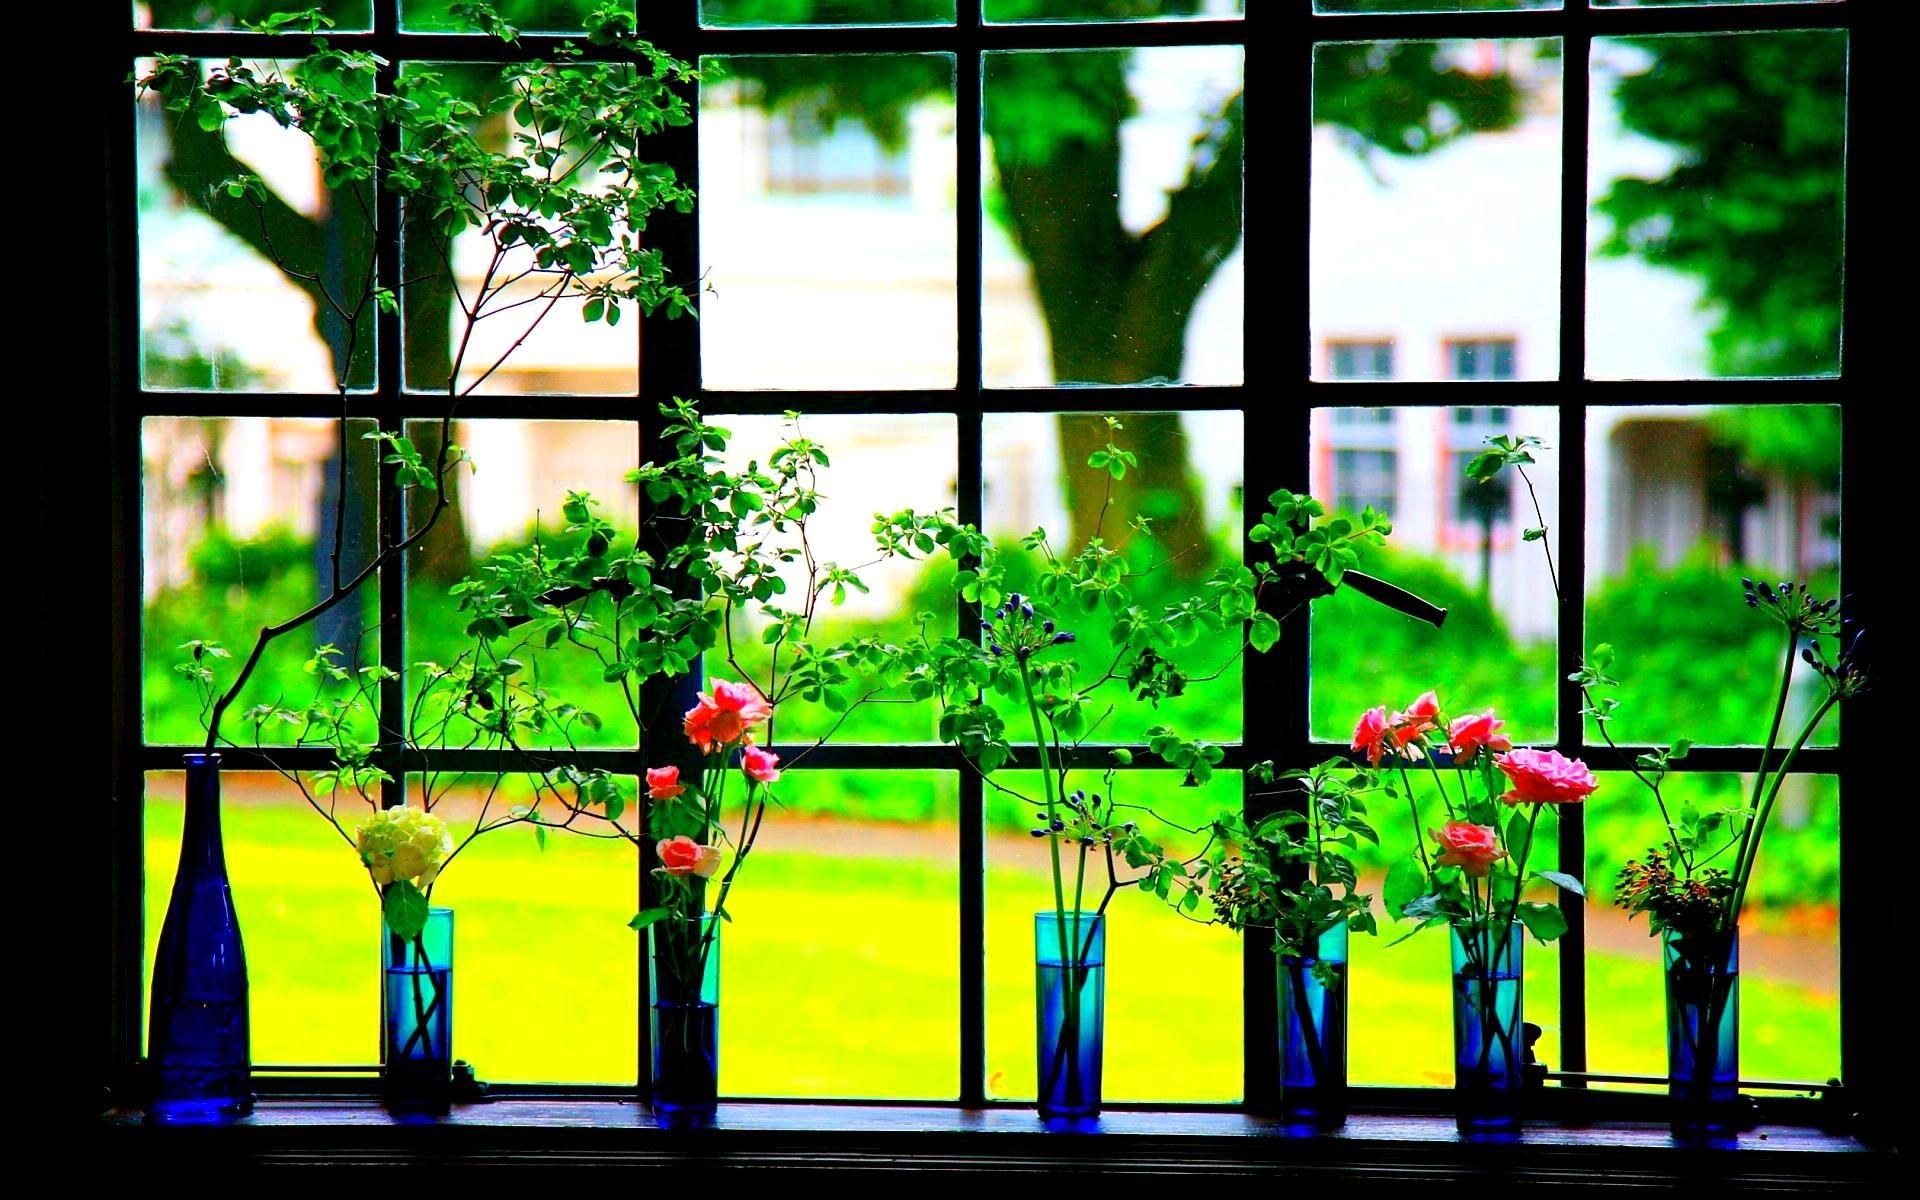 обои на телефон окно в розах хватает денег, удовольствий